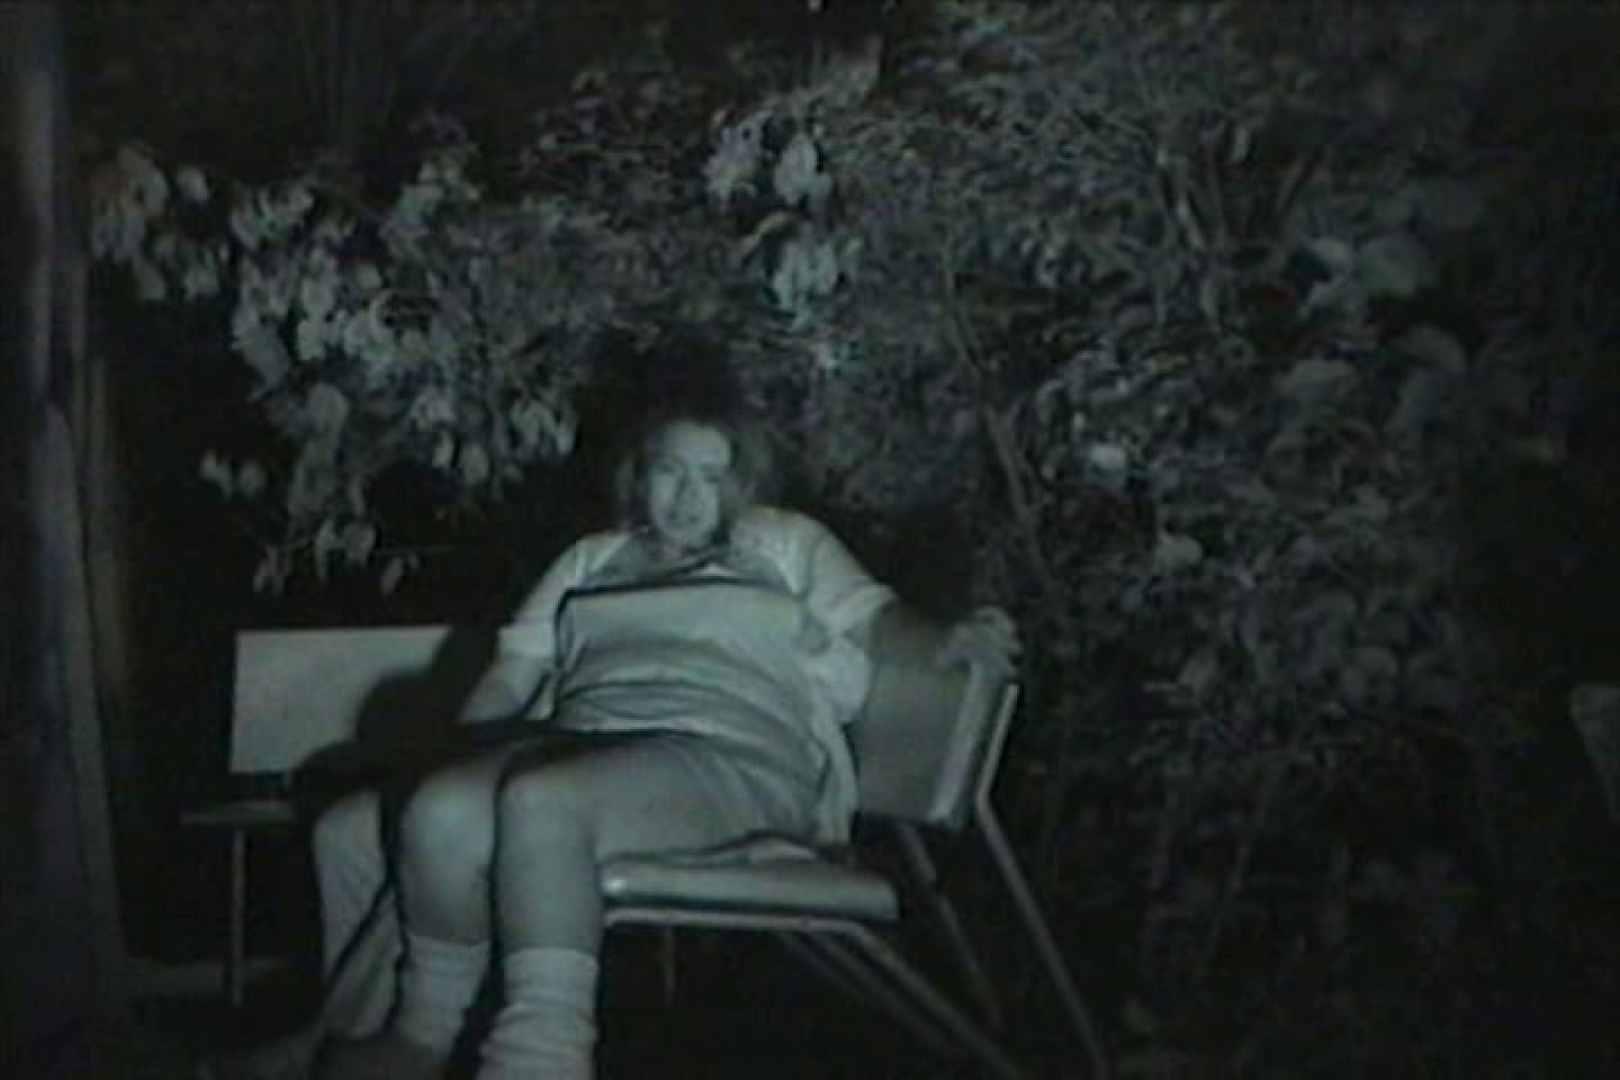 闇の仕掛け人 無修正版 Vol.25 美しいOLの裸体  102pic 54